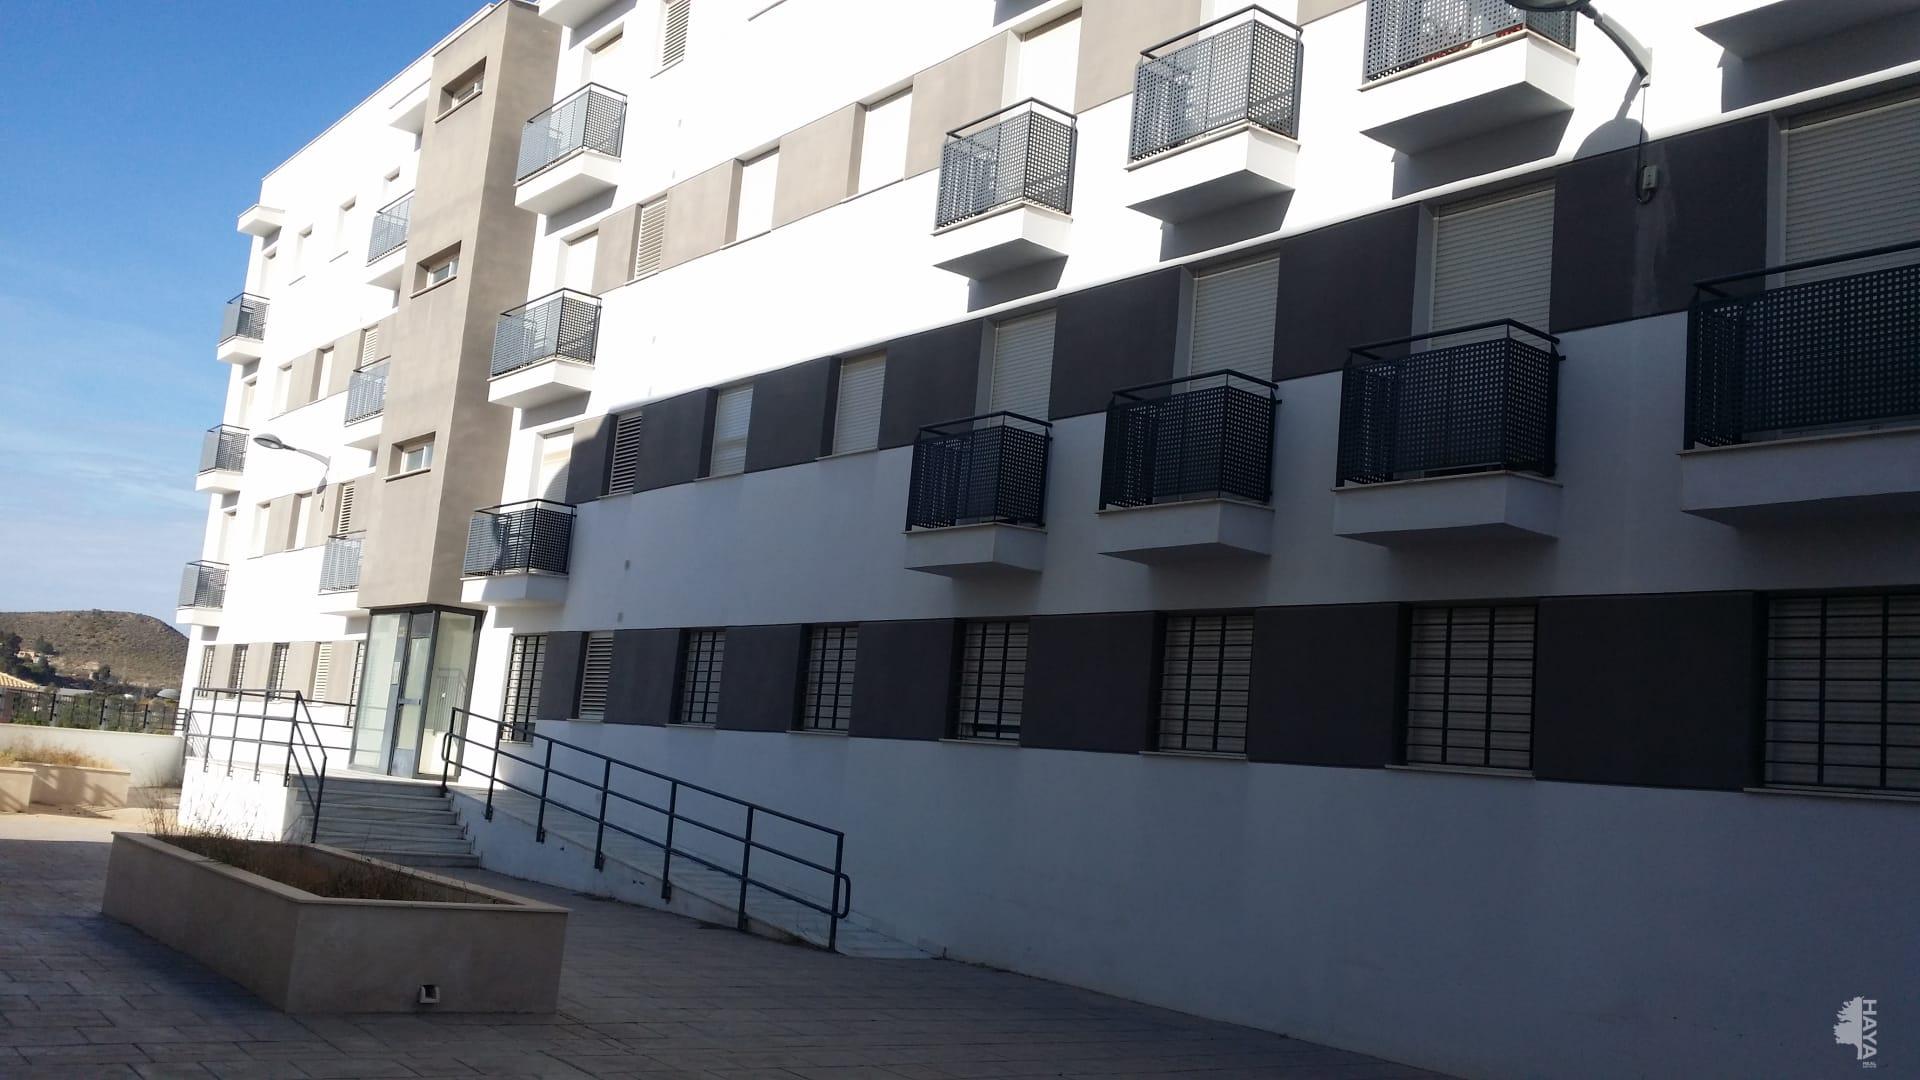 Piso en venta en Olula del Río, Almería, Calle Alta, 69.600 €, 3 habitaciones, 1 baño, 104 m2